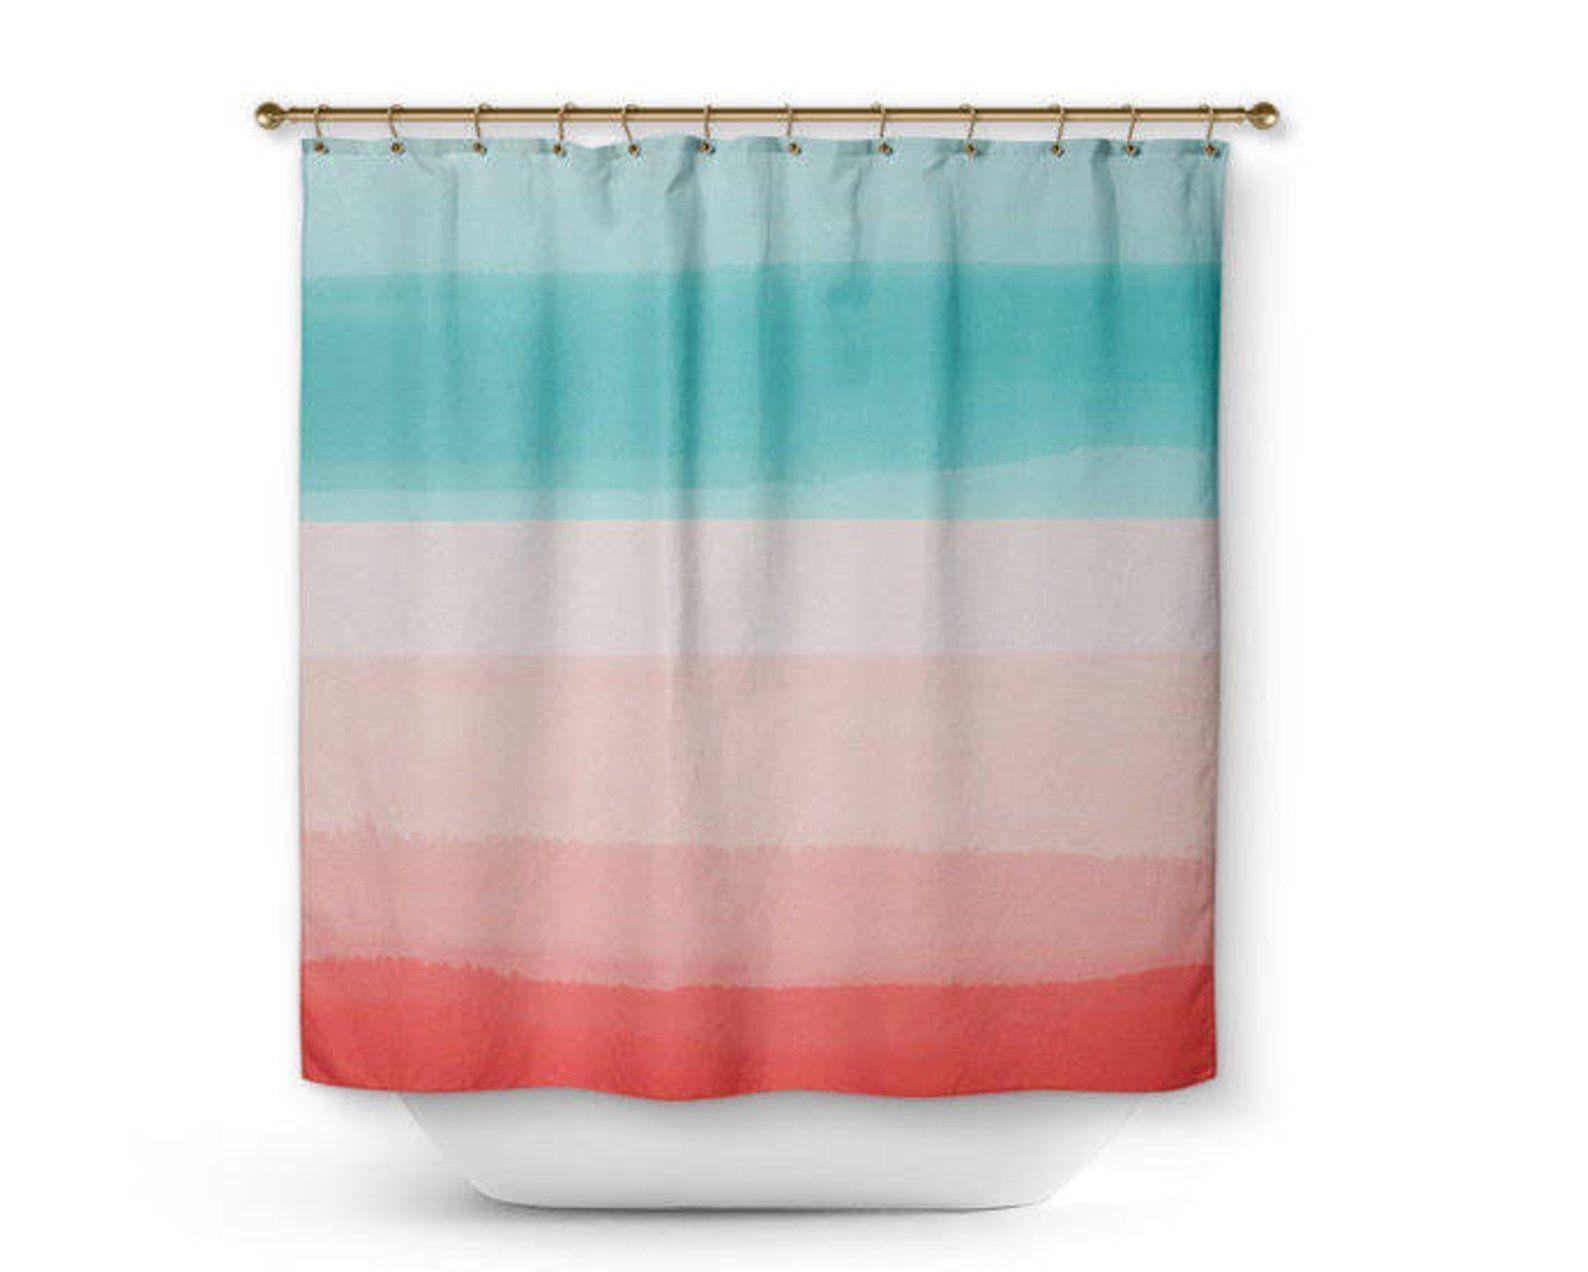 Shower Curtain Ombre Bath Curtain Coral Aqua Peach Home Etsy